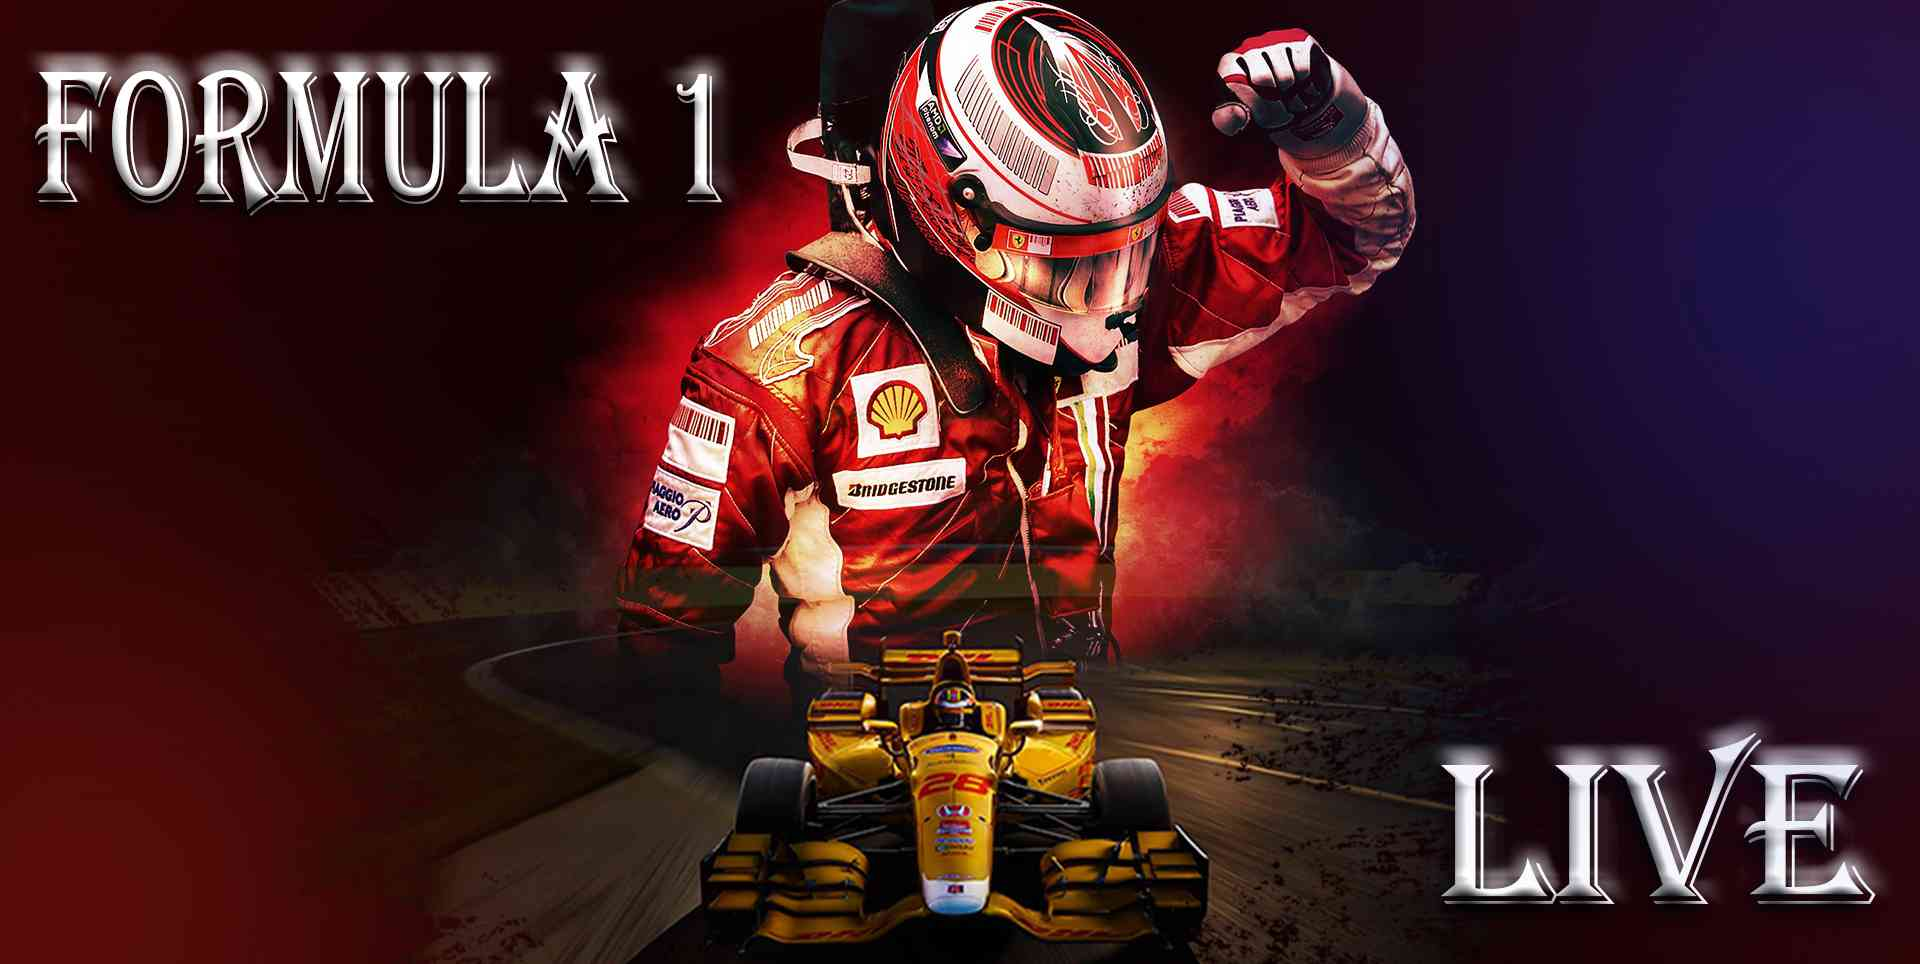 Formula 3 at Spa-Francorchamps